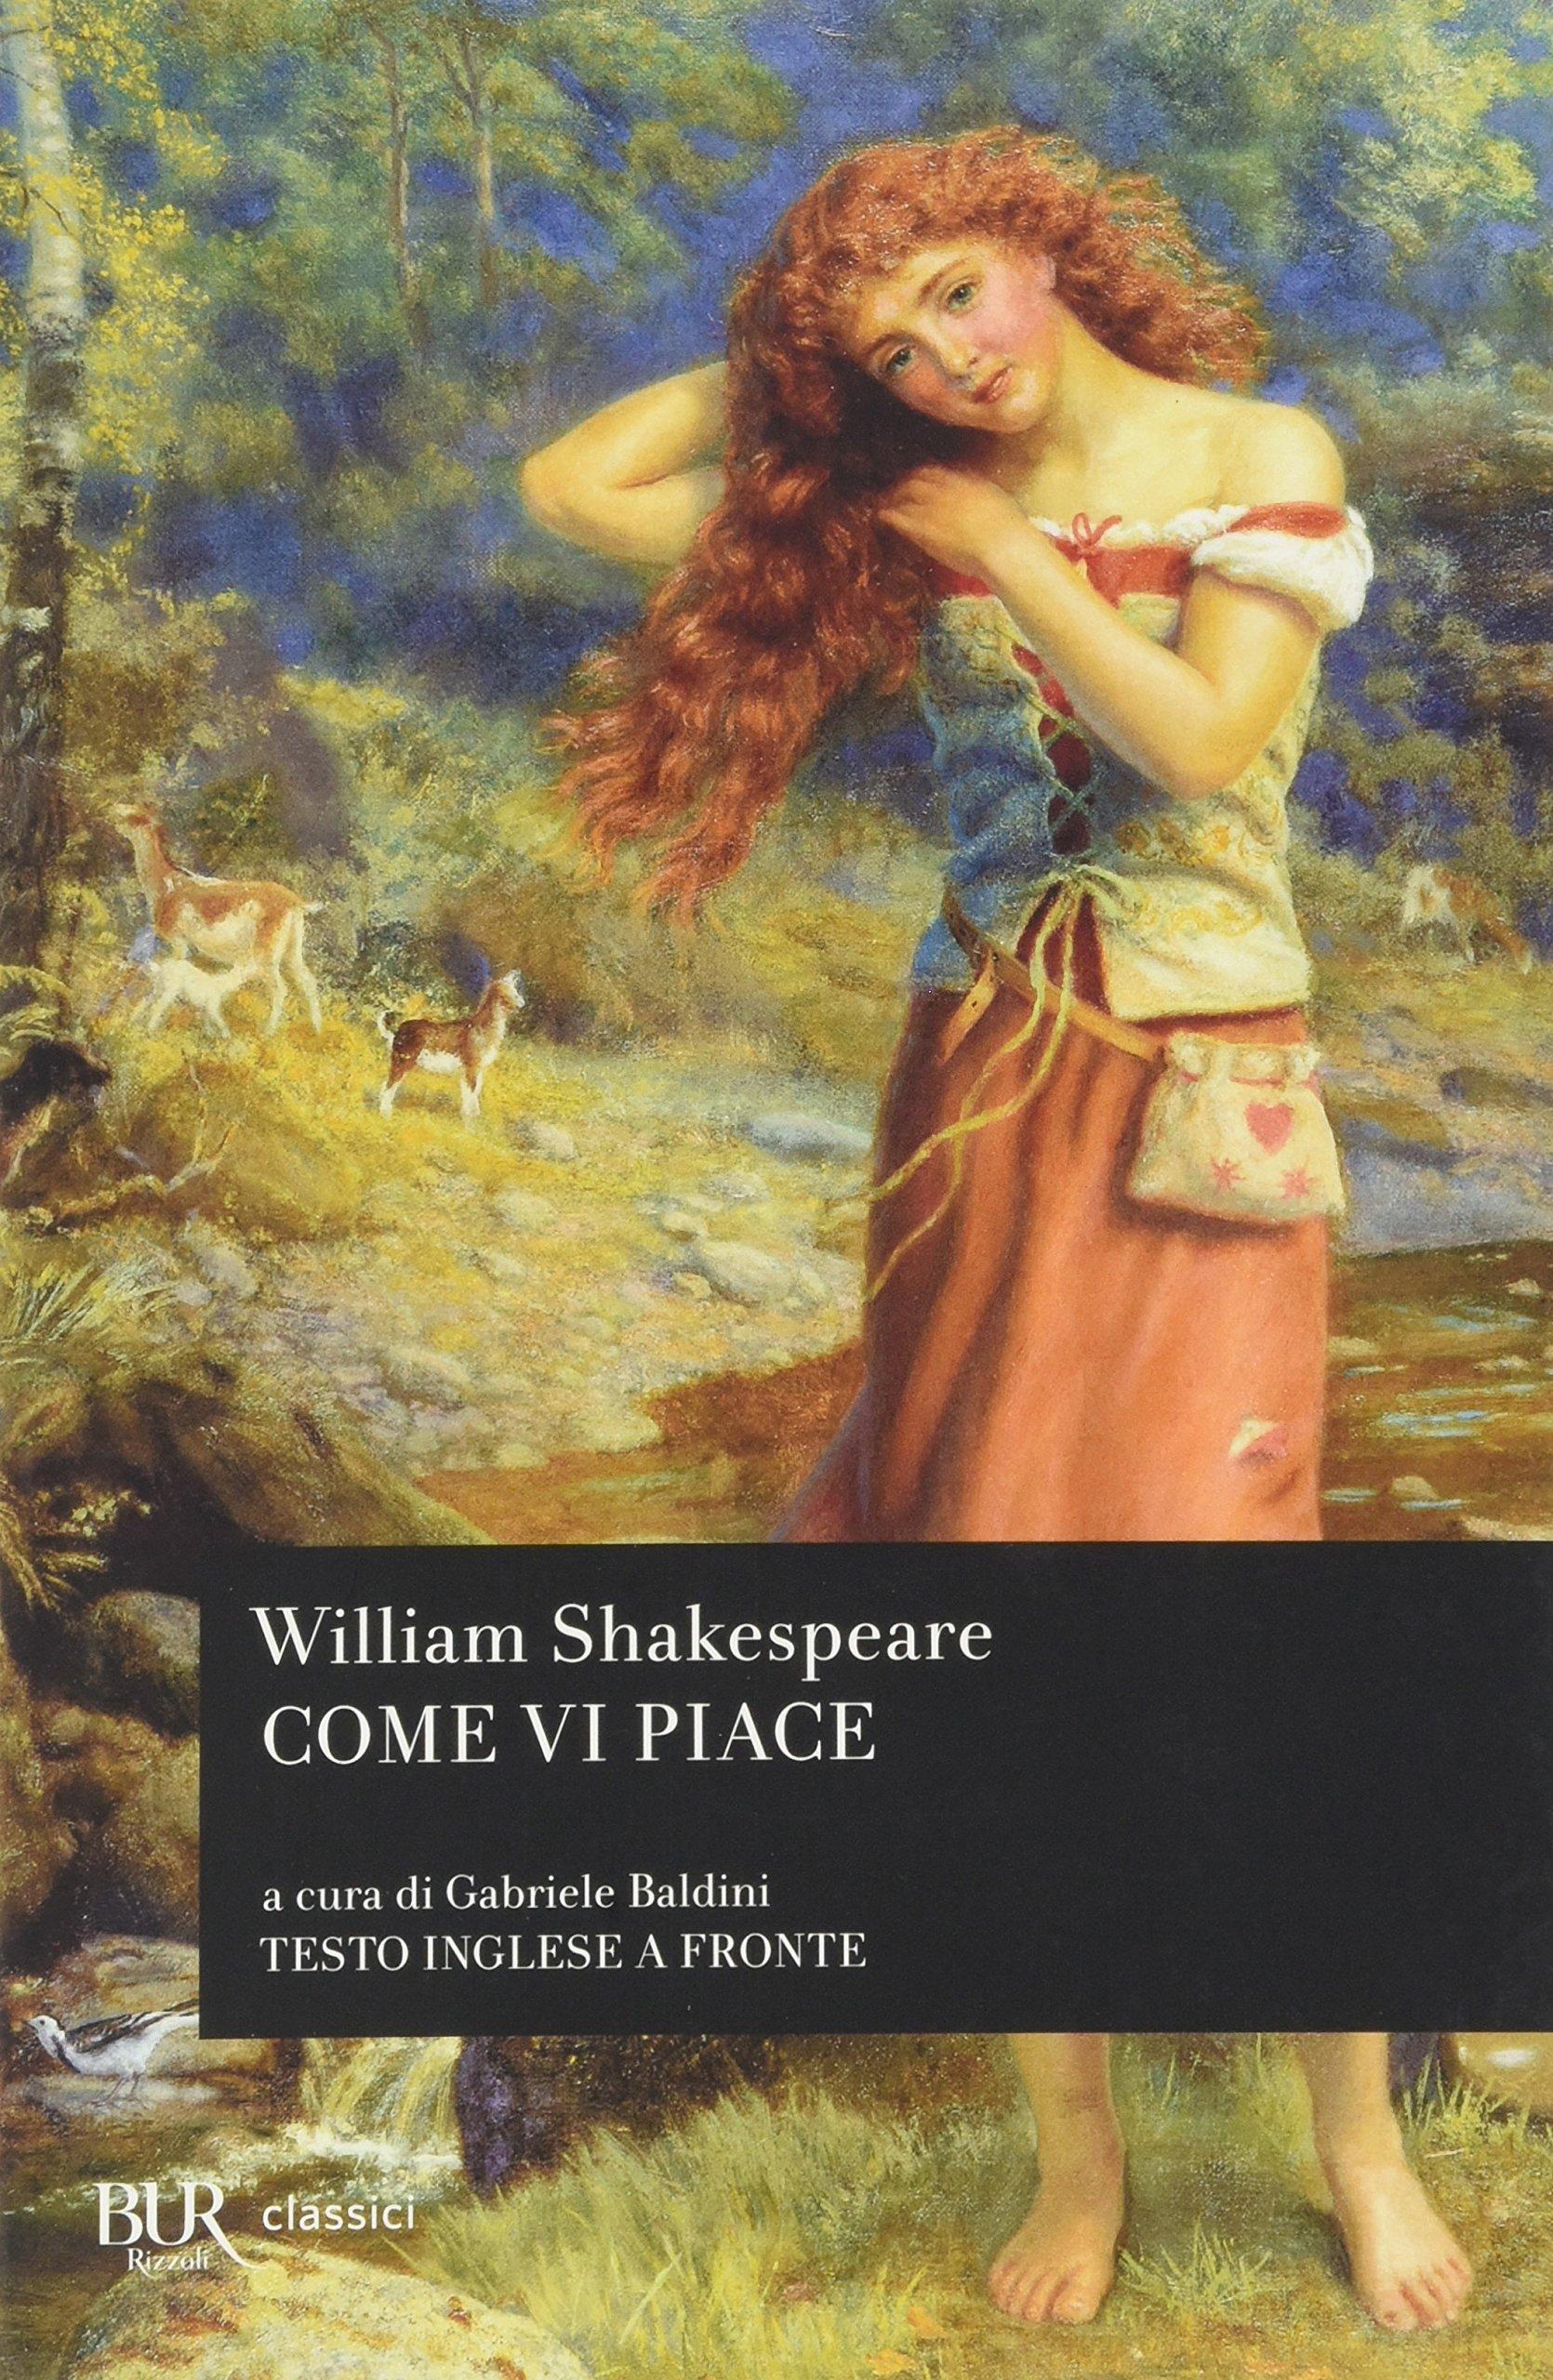 Risultati immagini per come vi piace shakespeare